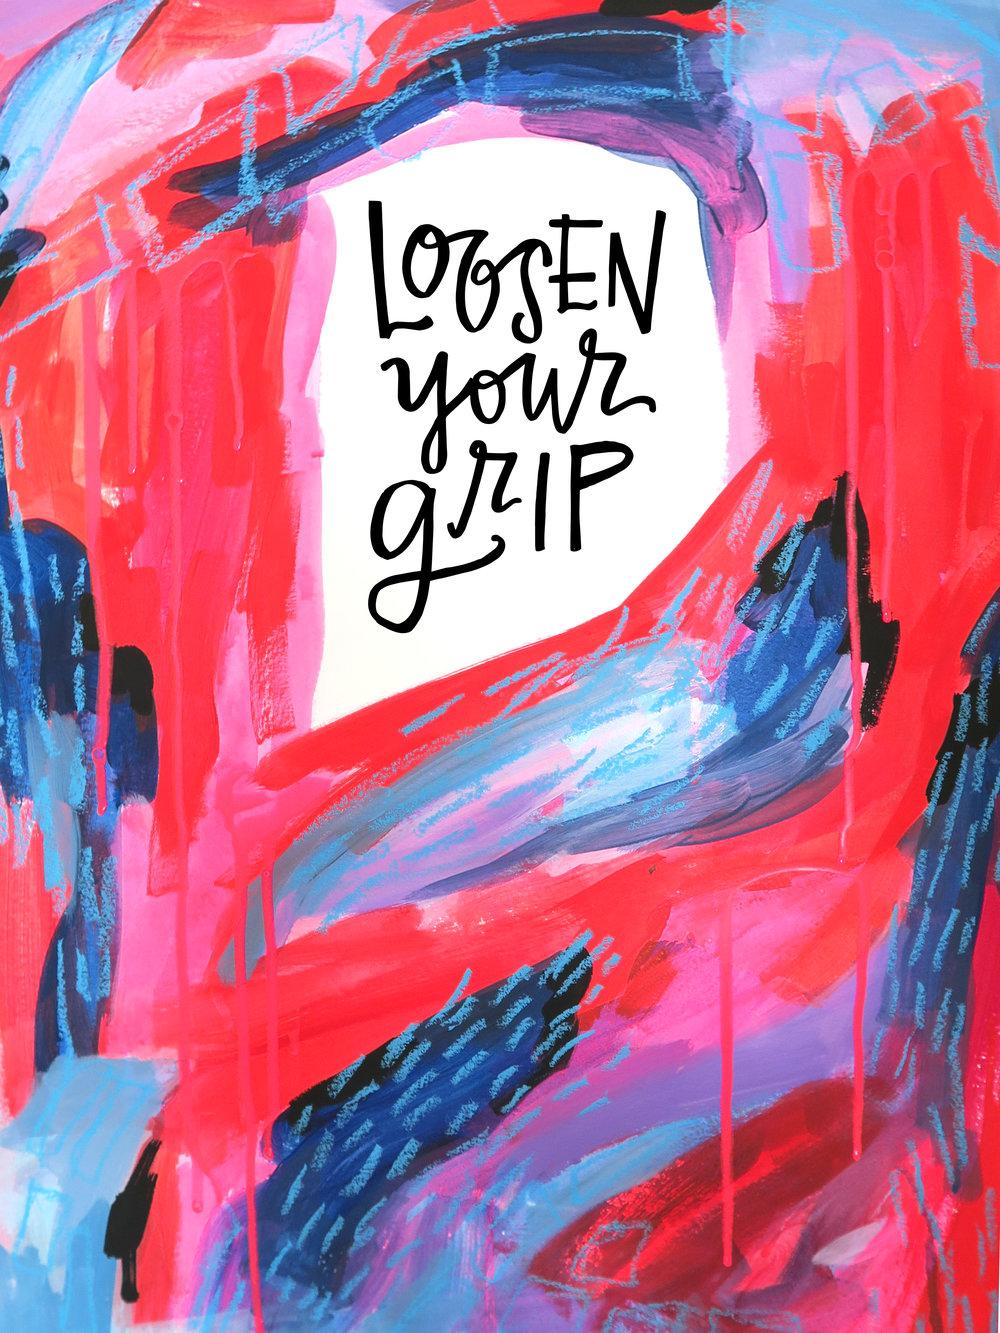 4/10/16: Grip